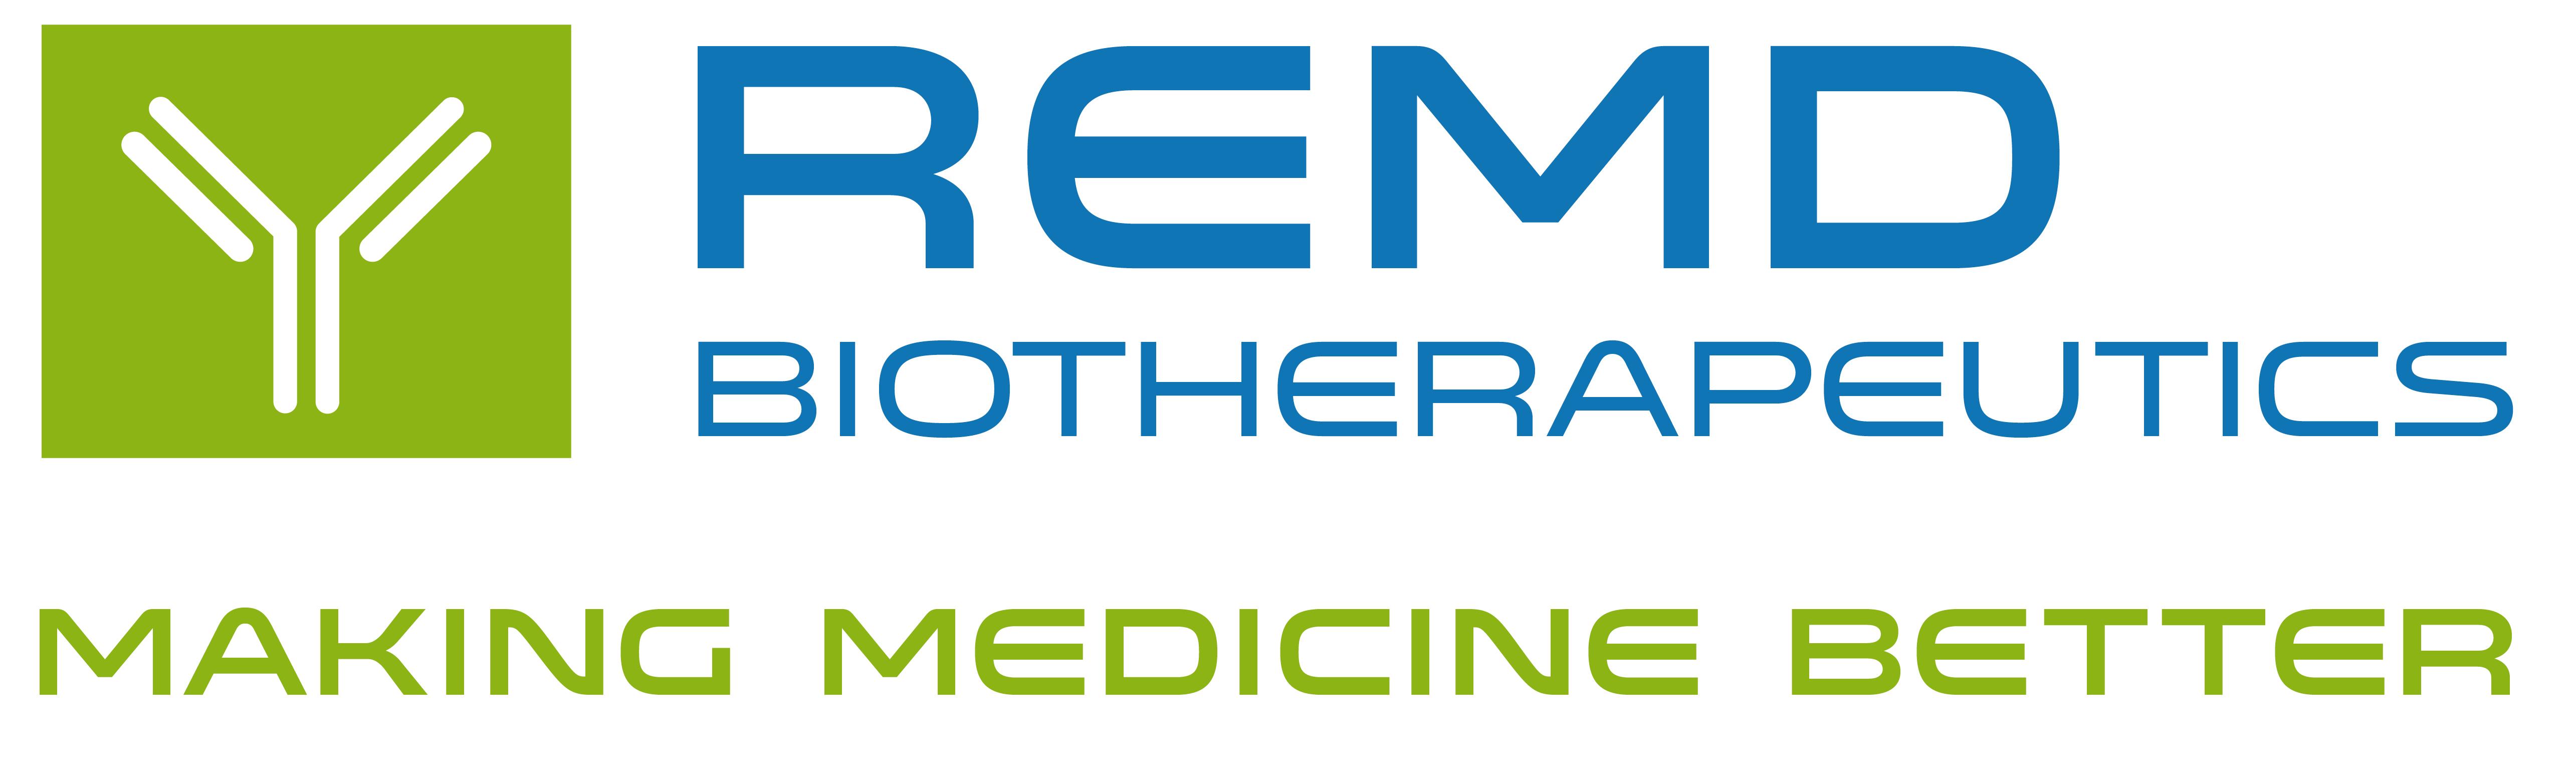 REMD Biotherapeutics